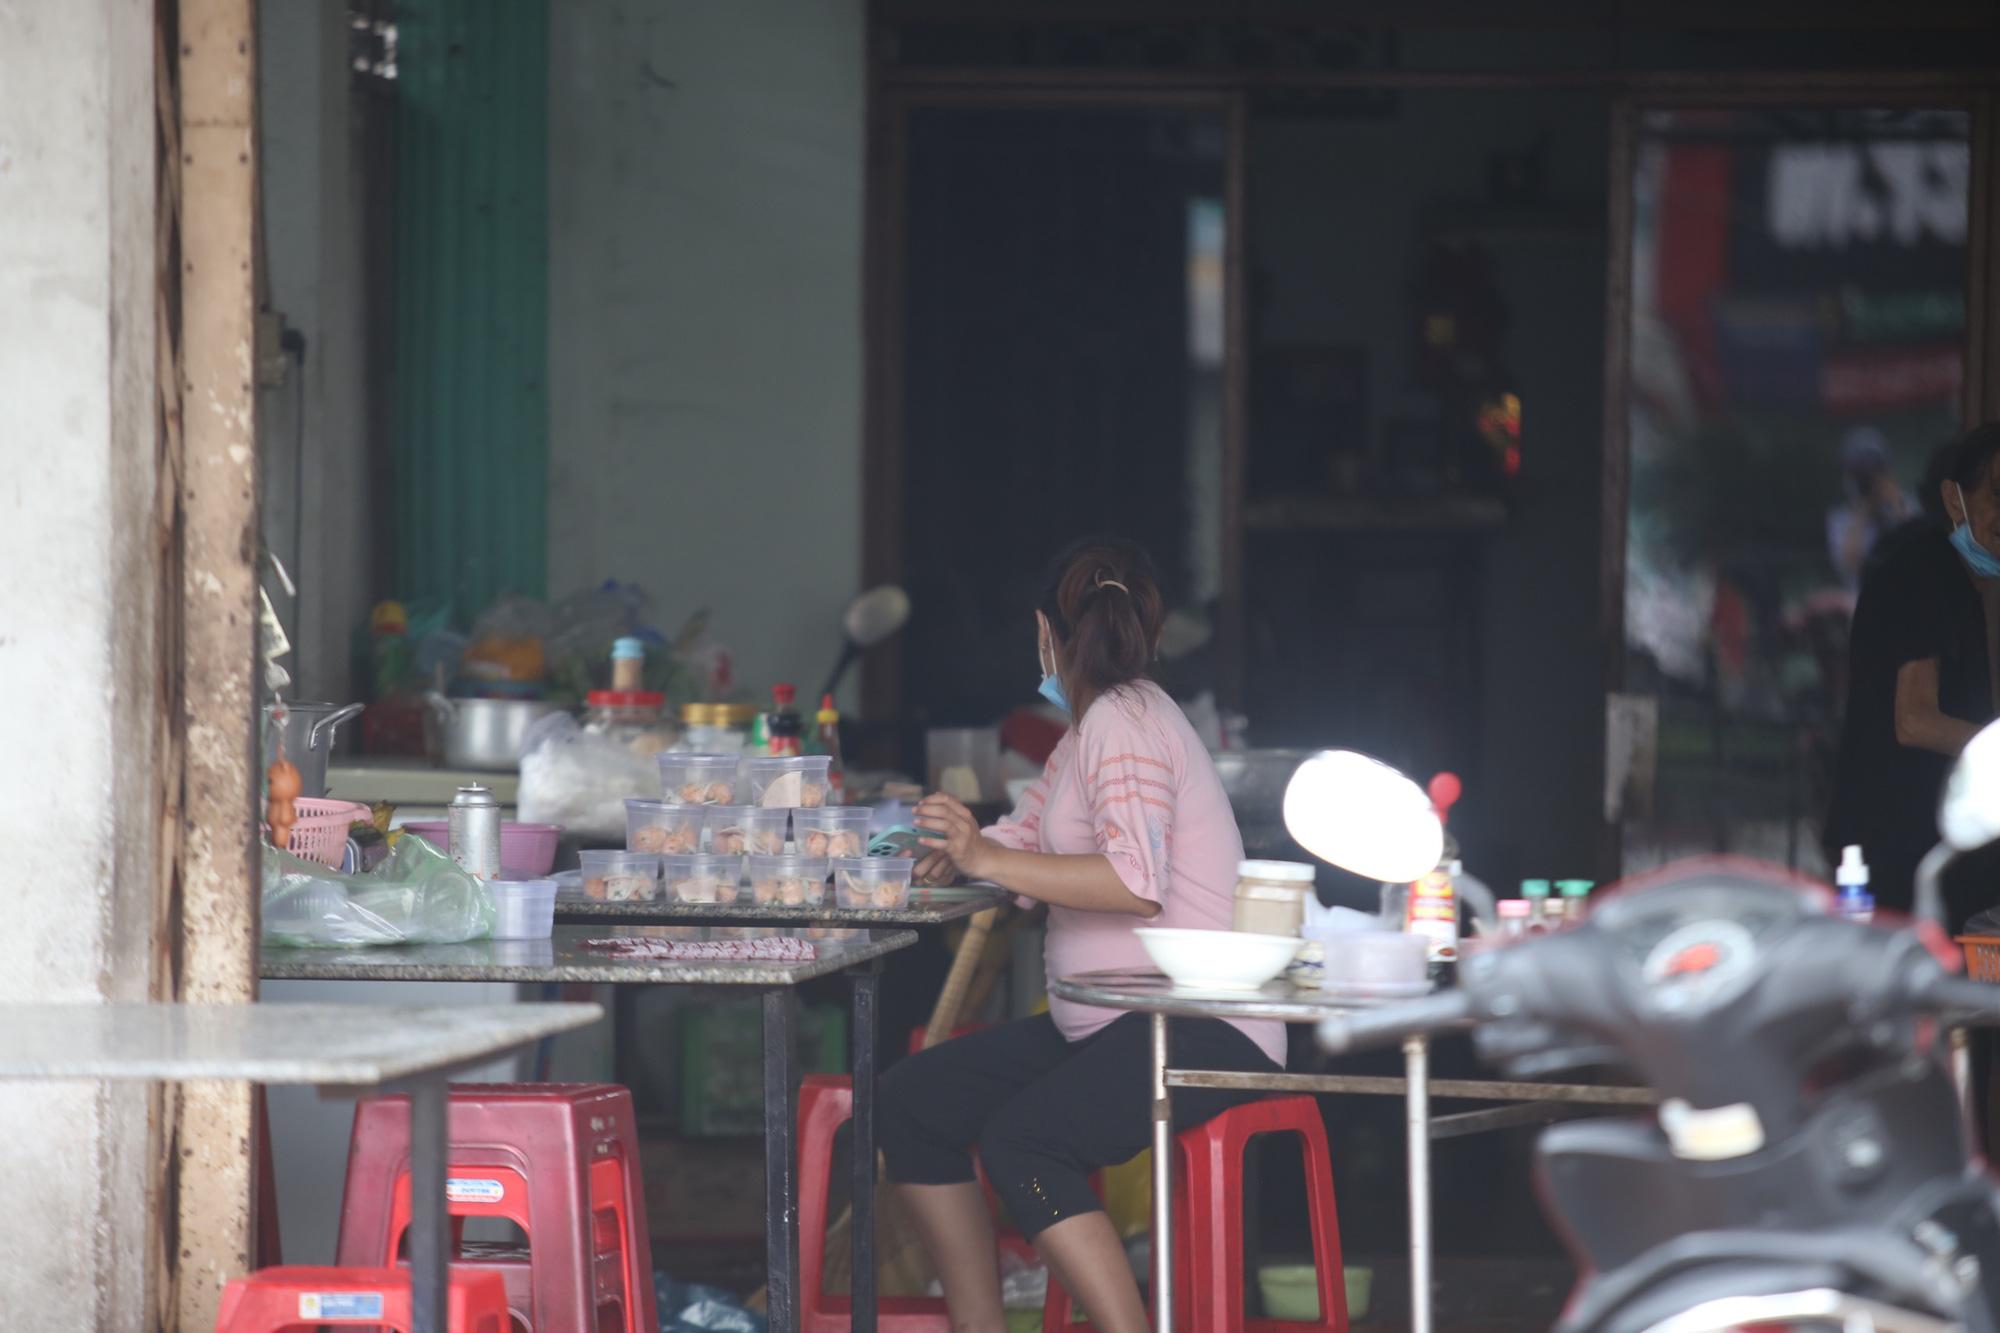 """Nhiều quán hàng ở """"vùng xanh"""" của Bình Dương tái khởi động sau nhiều tháng đóng cửa vì dịch Covid-19 - Ảnh 2."""